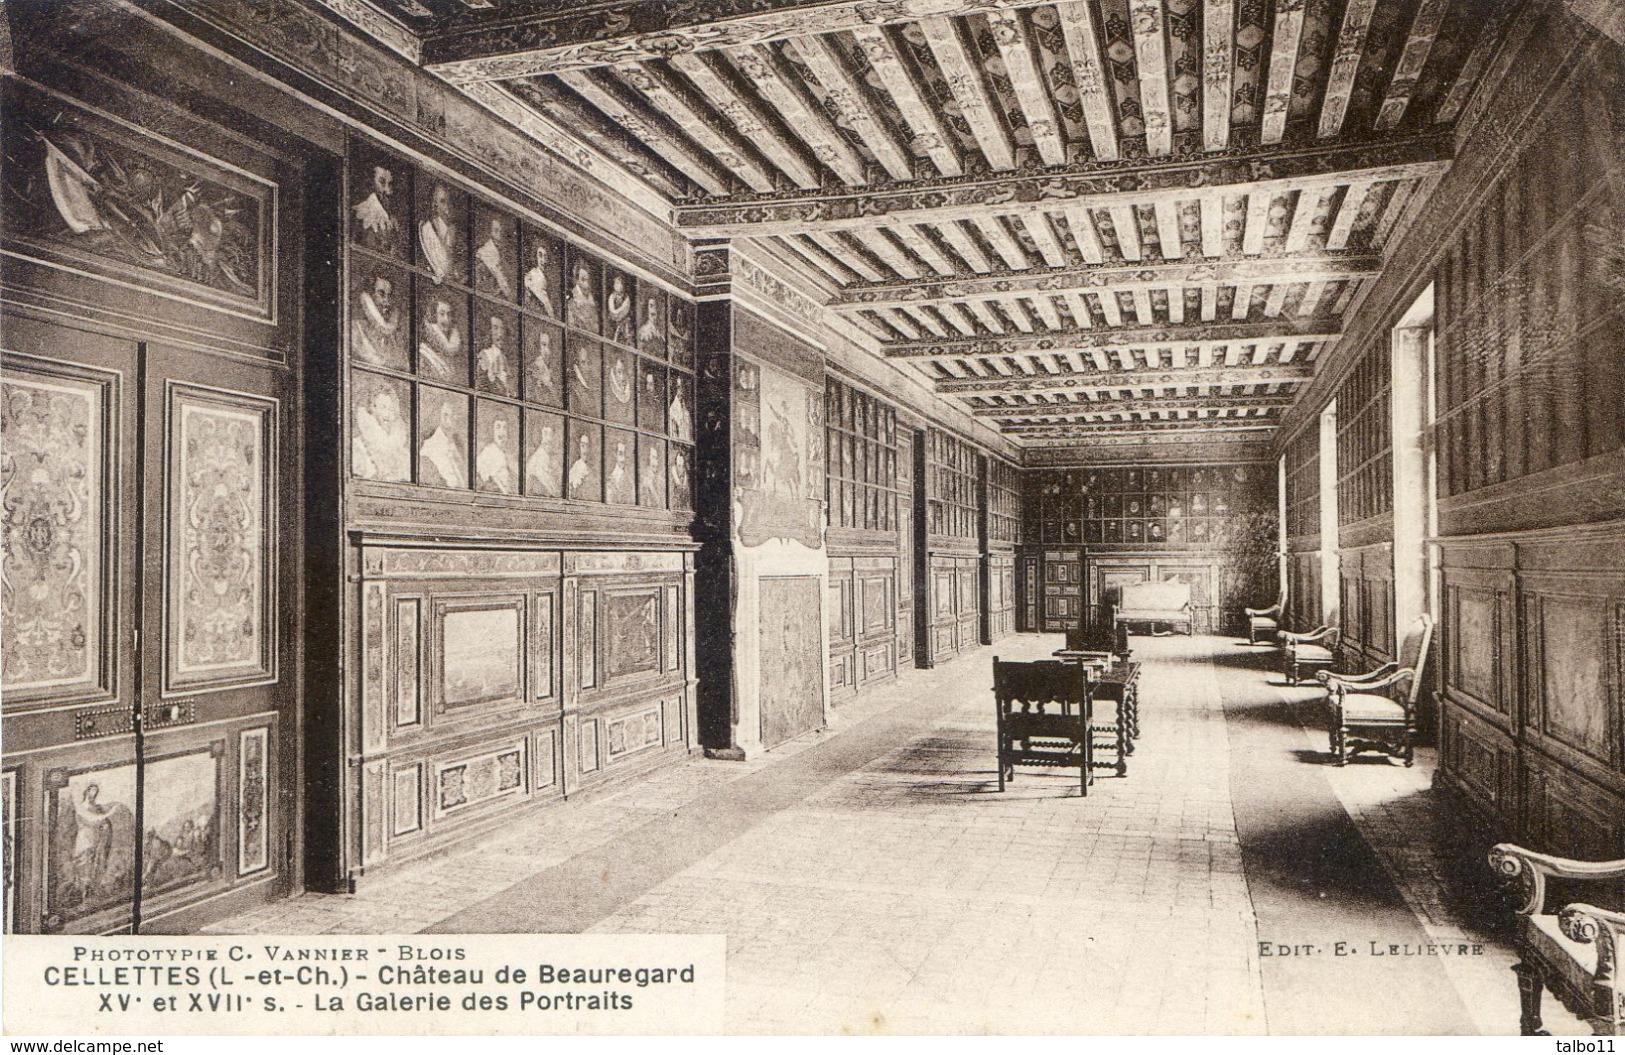 41 - Cellettes - Lot De 10 Cartes Sur Le Chateau De Beauregard - France